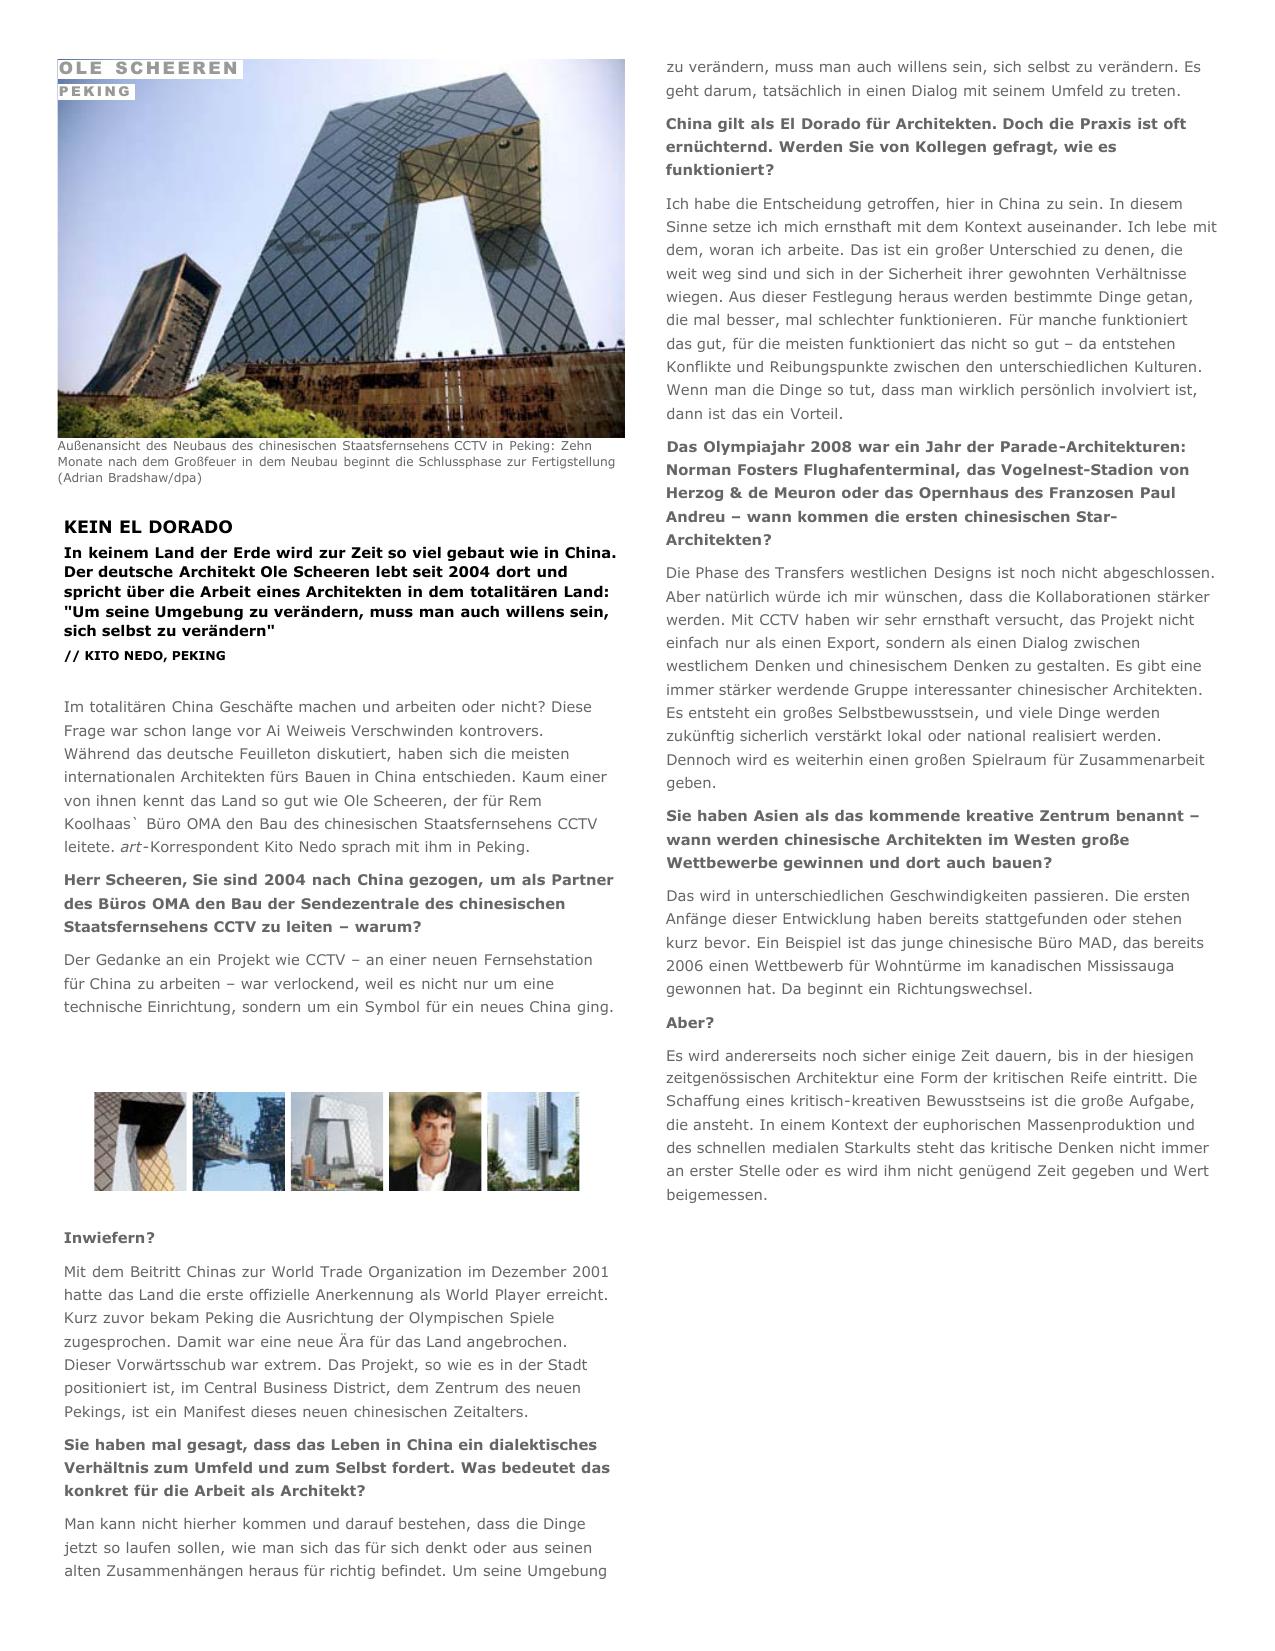 Peking - Kein El Dorado - Architektur - art-magazin.de